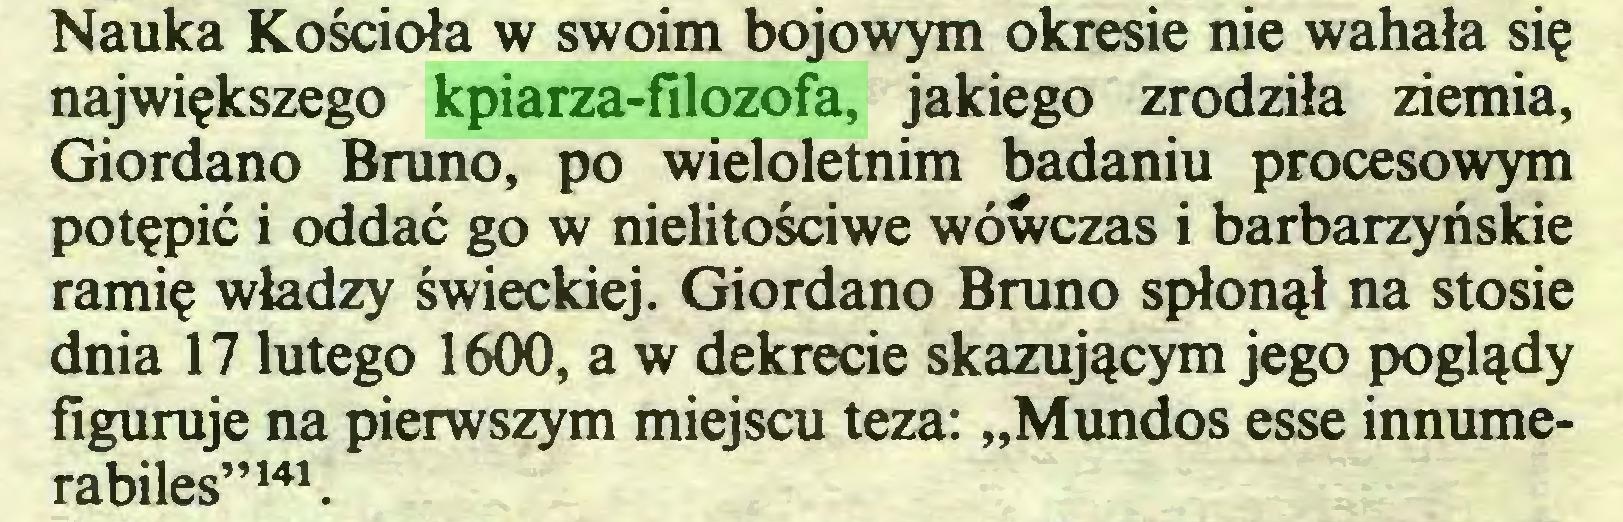 """(...) Nauka Kościoła w swoim bojowym okresie nie wahała się największego kpiarza-filozofa, jakiego zrodziła ziemia, Giordano Bruno, po wieloletnim badaniu procesowym potępić i oddać go w nielitościwe wówczas i barbarzyńskie ramię władzy świeckiej. Giordano Bruno spłonął na stosie dnia 17 lutego 1600, a w dekrecie skazującym jego poglądy figuruje na pierwszym miejscu teza: """"Mundos esse innumerabiles""""141..."""